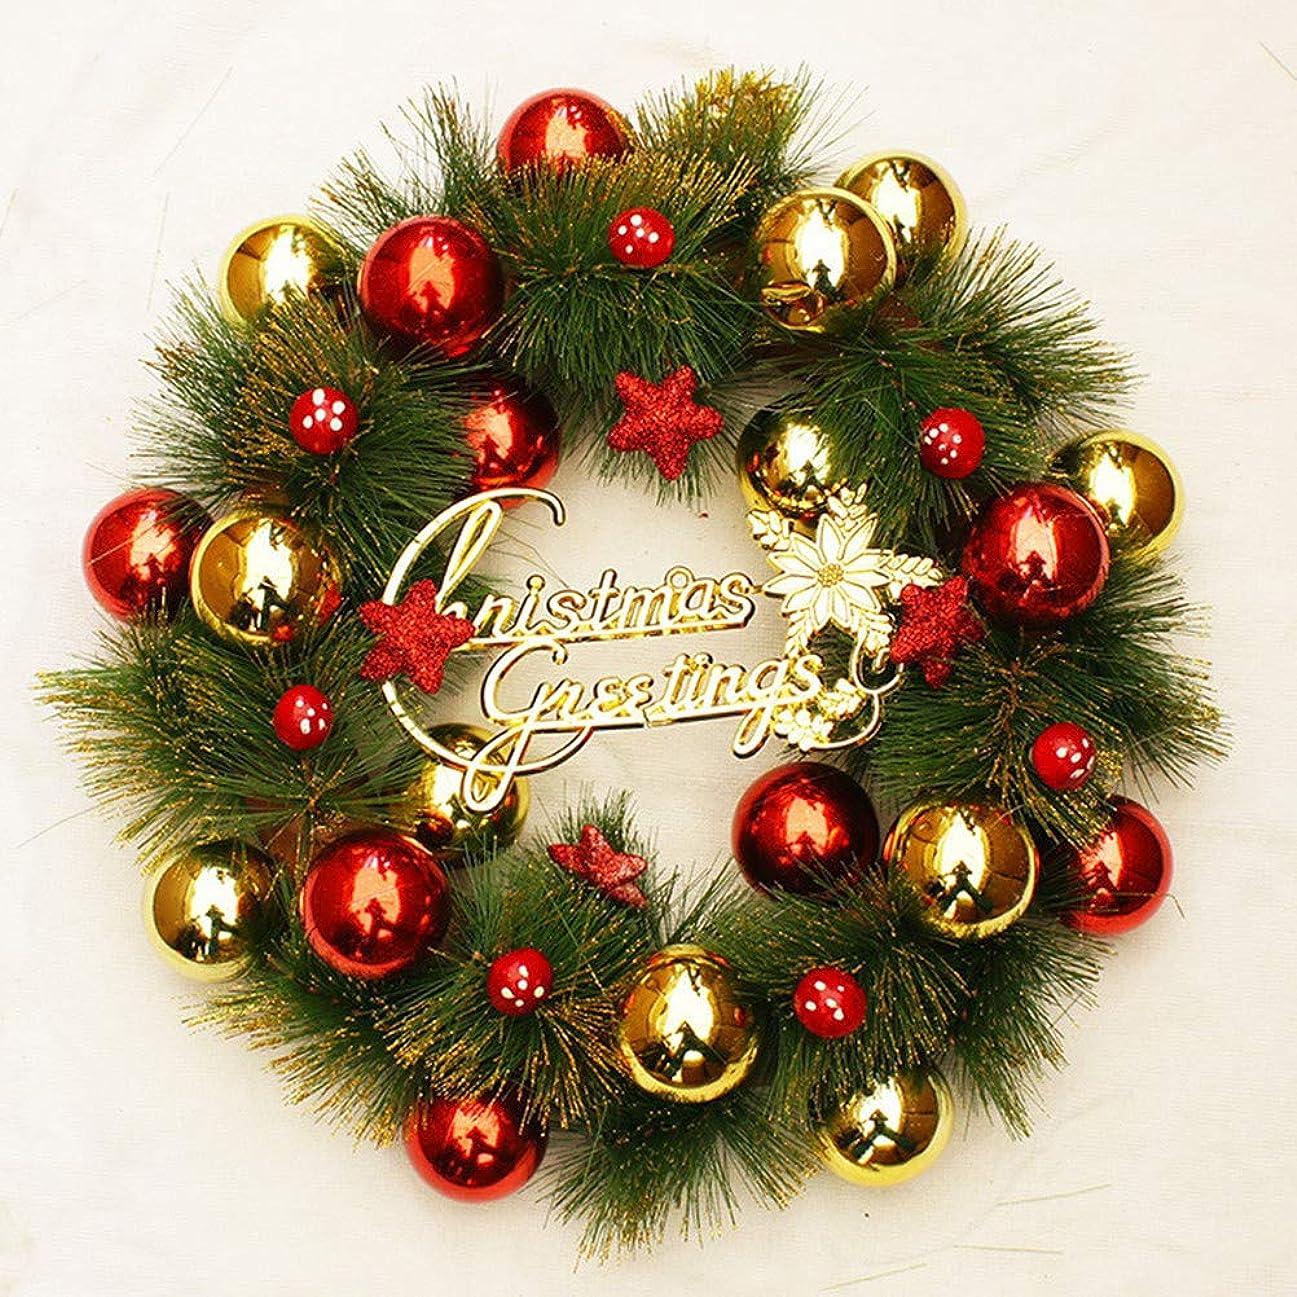 移住する遠洋のスペル桜の雪 かわいい 壁掛け ボール付き クリスマスリース ドア 玄関 庭園 店舗 インテリア飾り 撮影道具 クリスマス飾り プレゼント 40cm